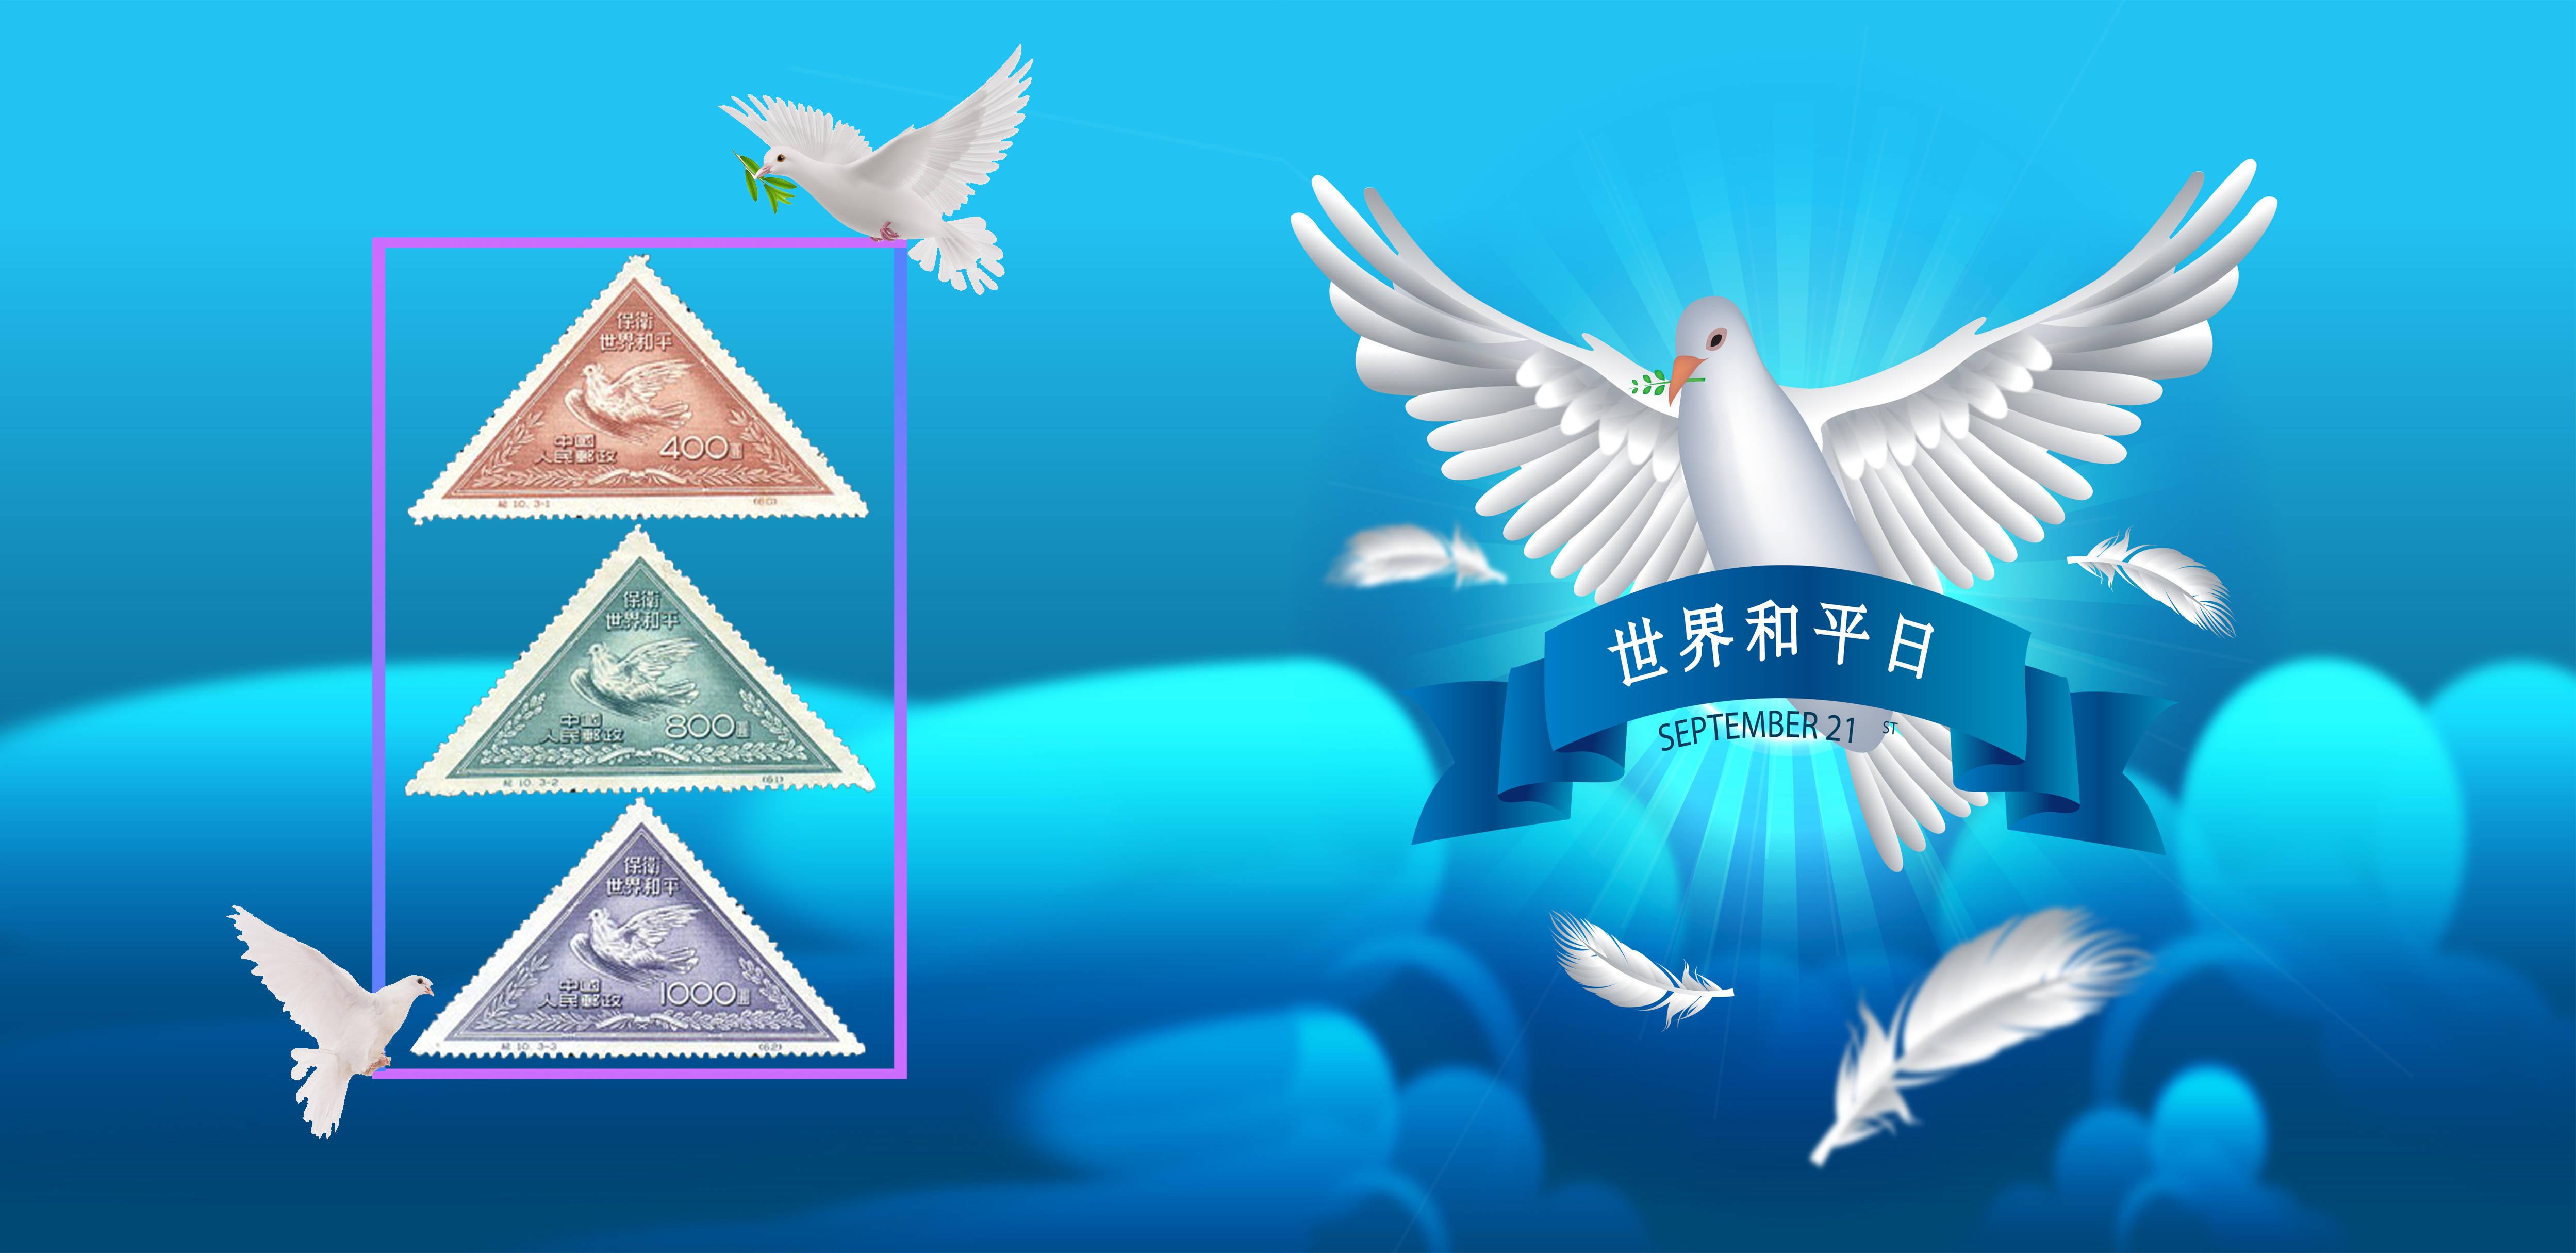 纪10《保卫世界和平(第二组)》草榴最新地址赏析